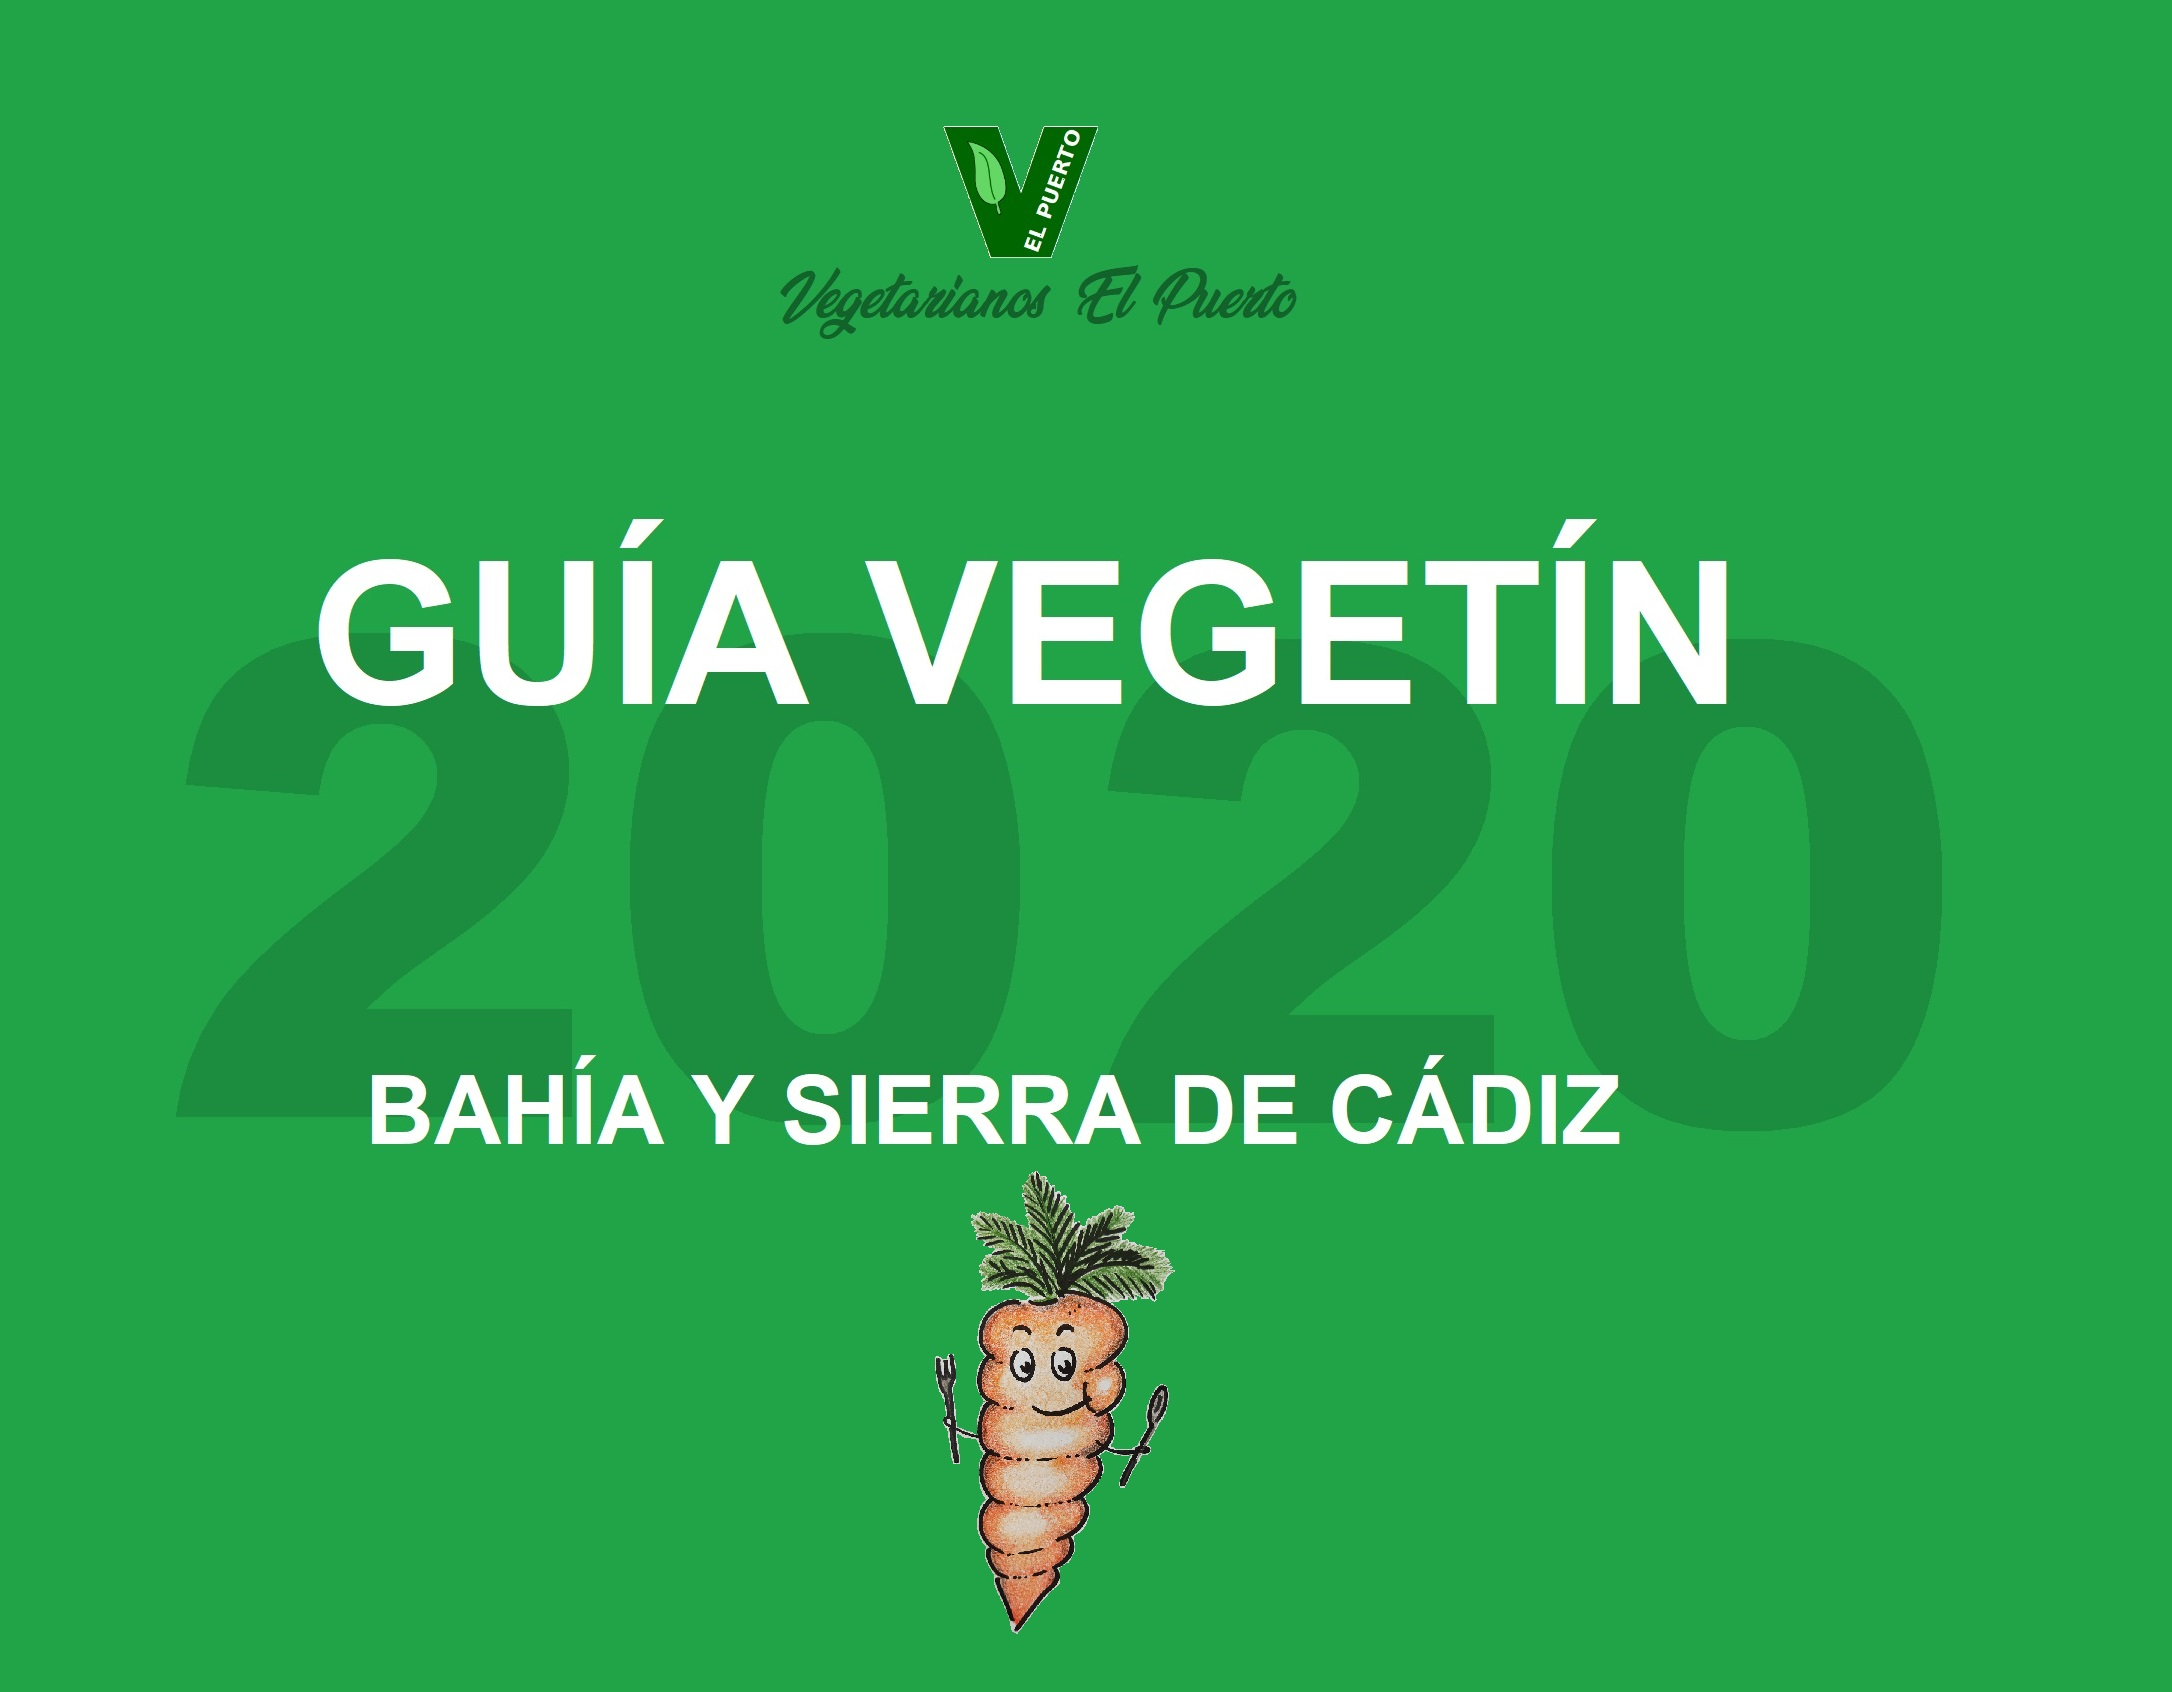 La Guía Vegetín 2000 – el nuevo logotipo ha llegado!